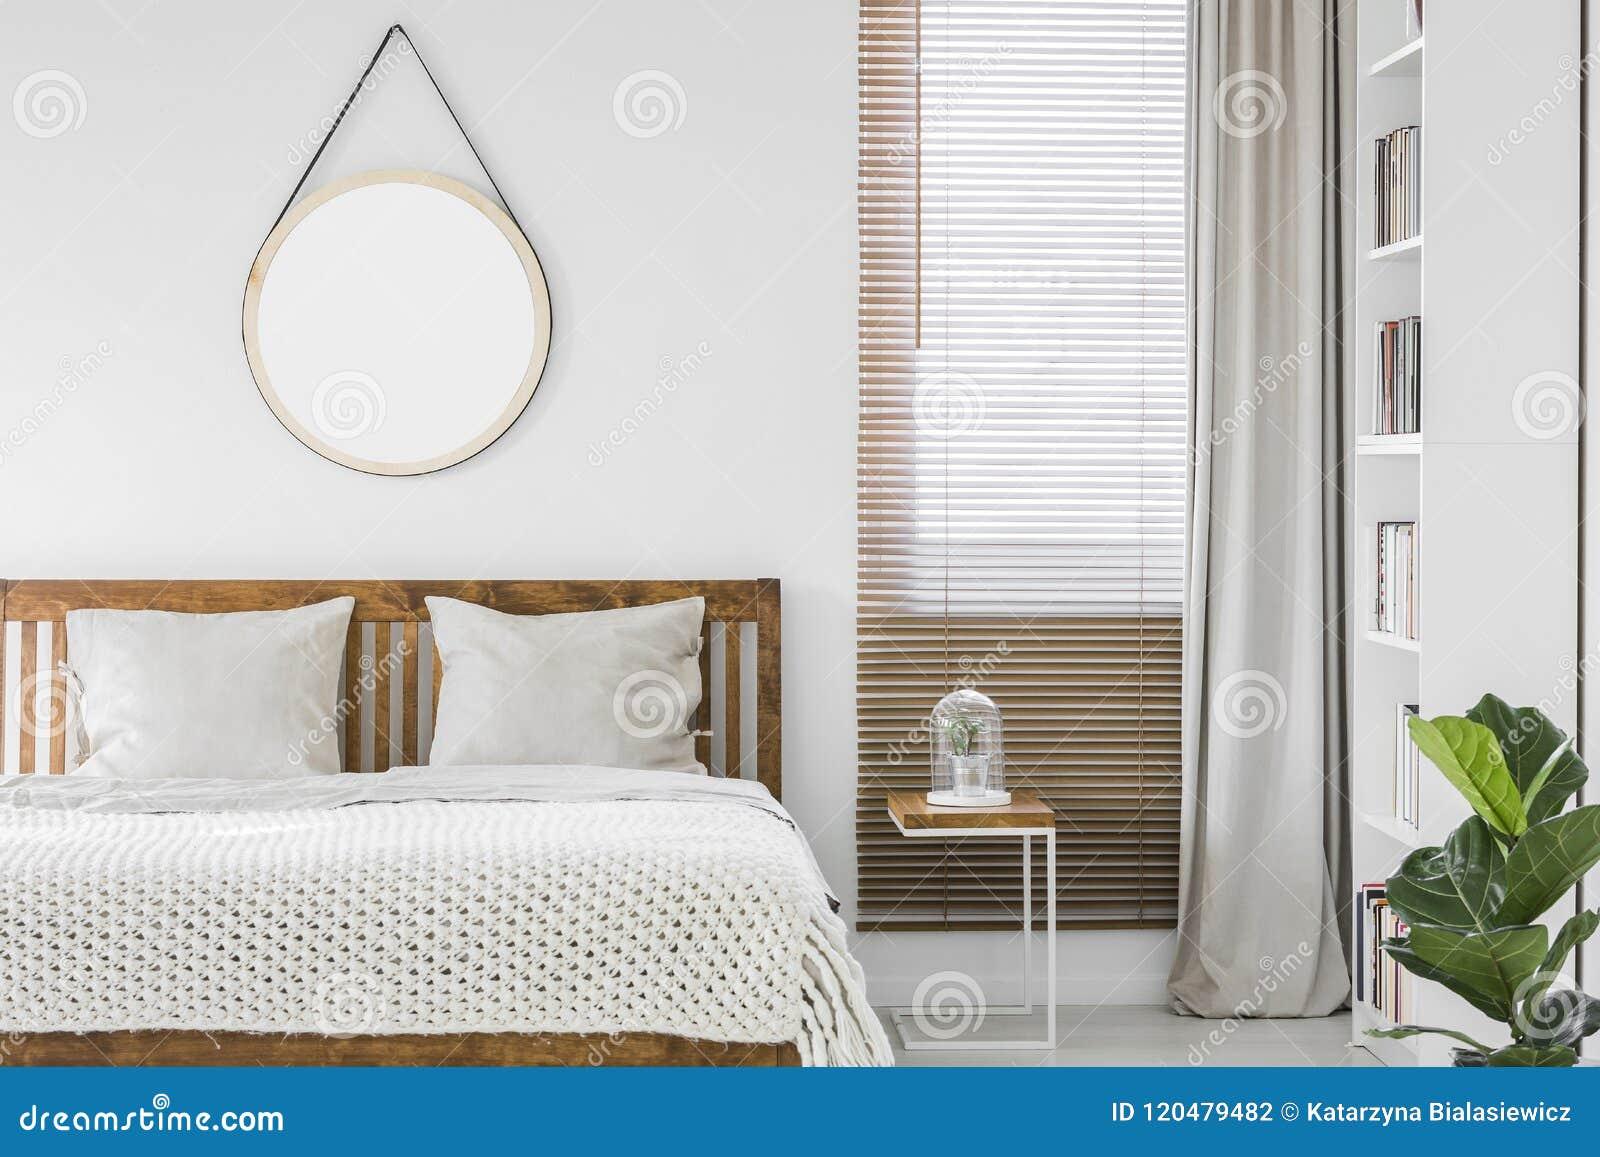 Finestra con i ciechi di legno e tenda grigio chiaro in bedroo bianco